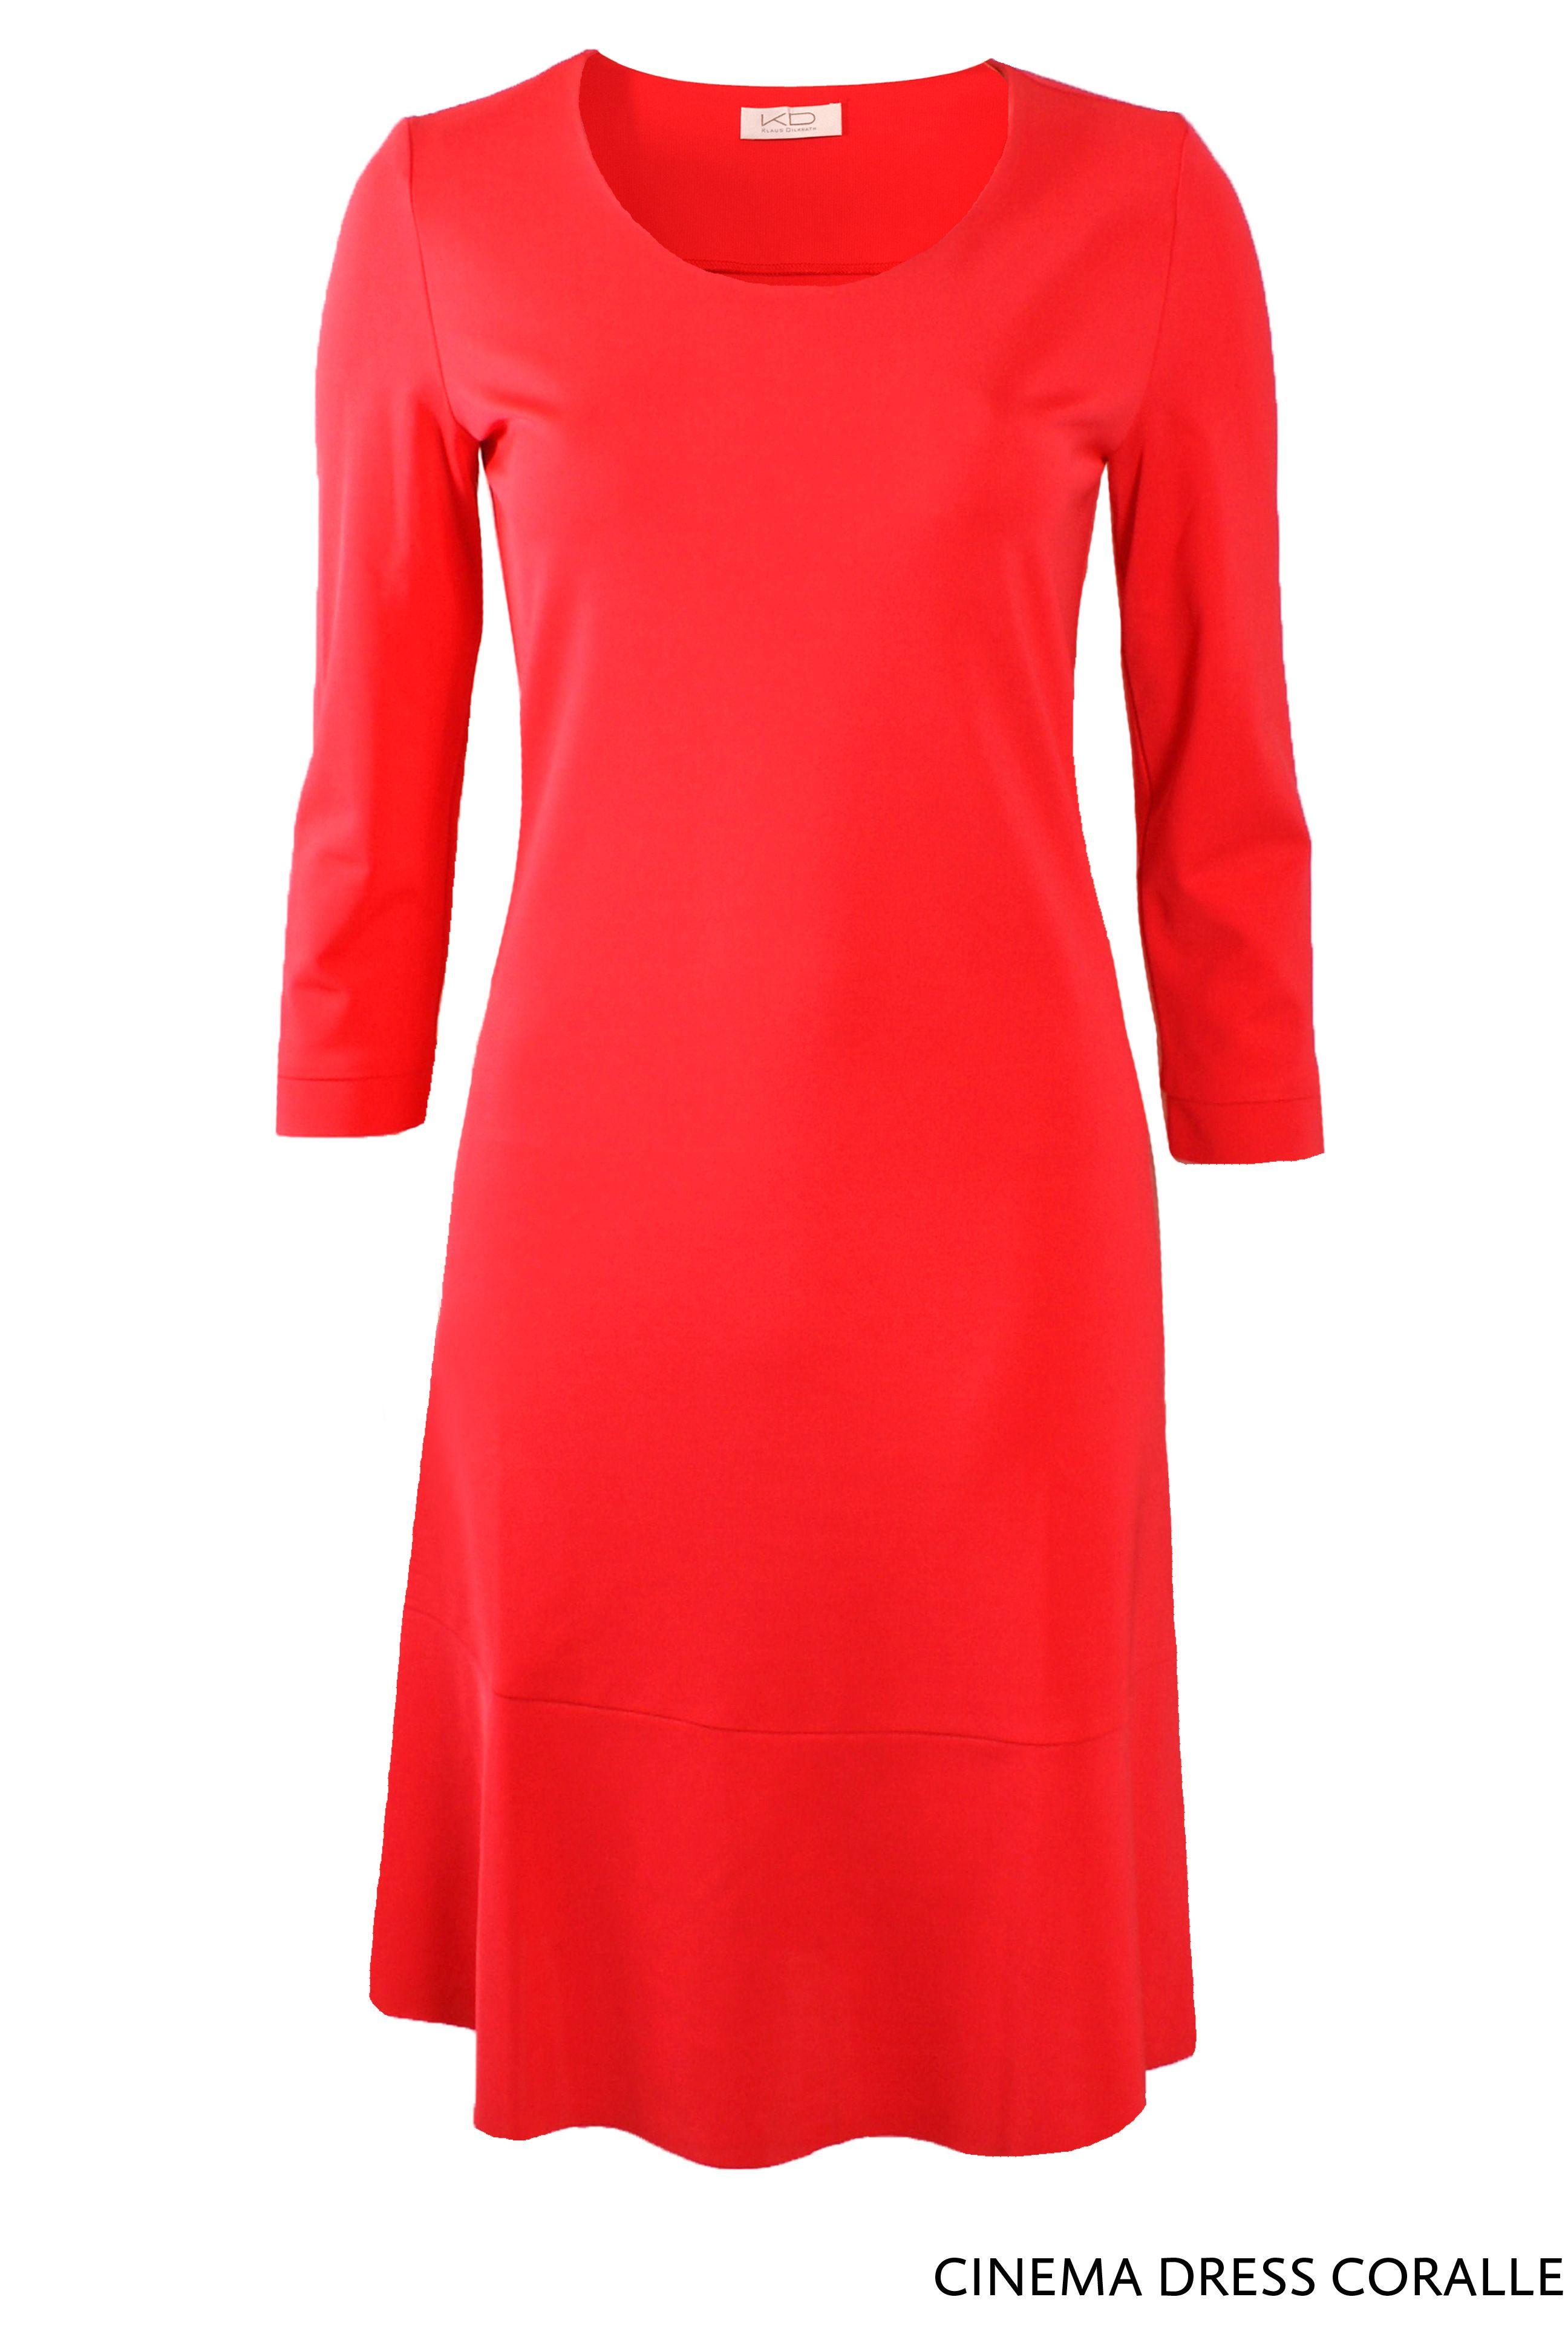 Cinema Dress Coralle von KD Klaus Dilkrath #cinema #dress #kdklausdilkrath #kd #kd12 #coralle #summer #spring #coral #kdklausdilkrath #kd #dilkrath #kd12 #outfit